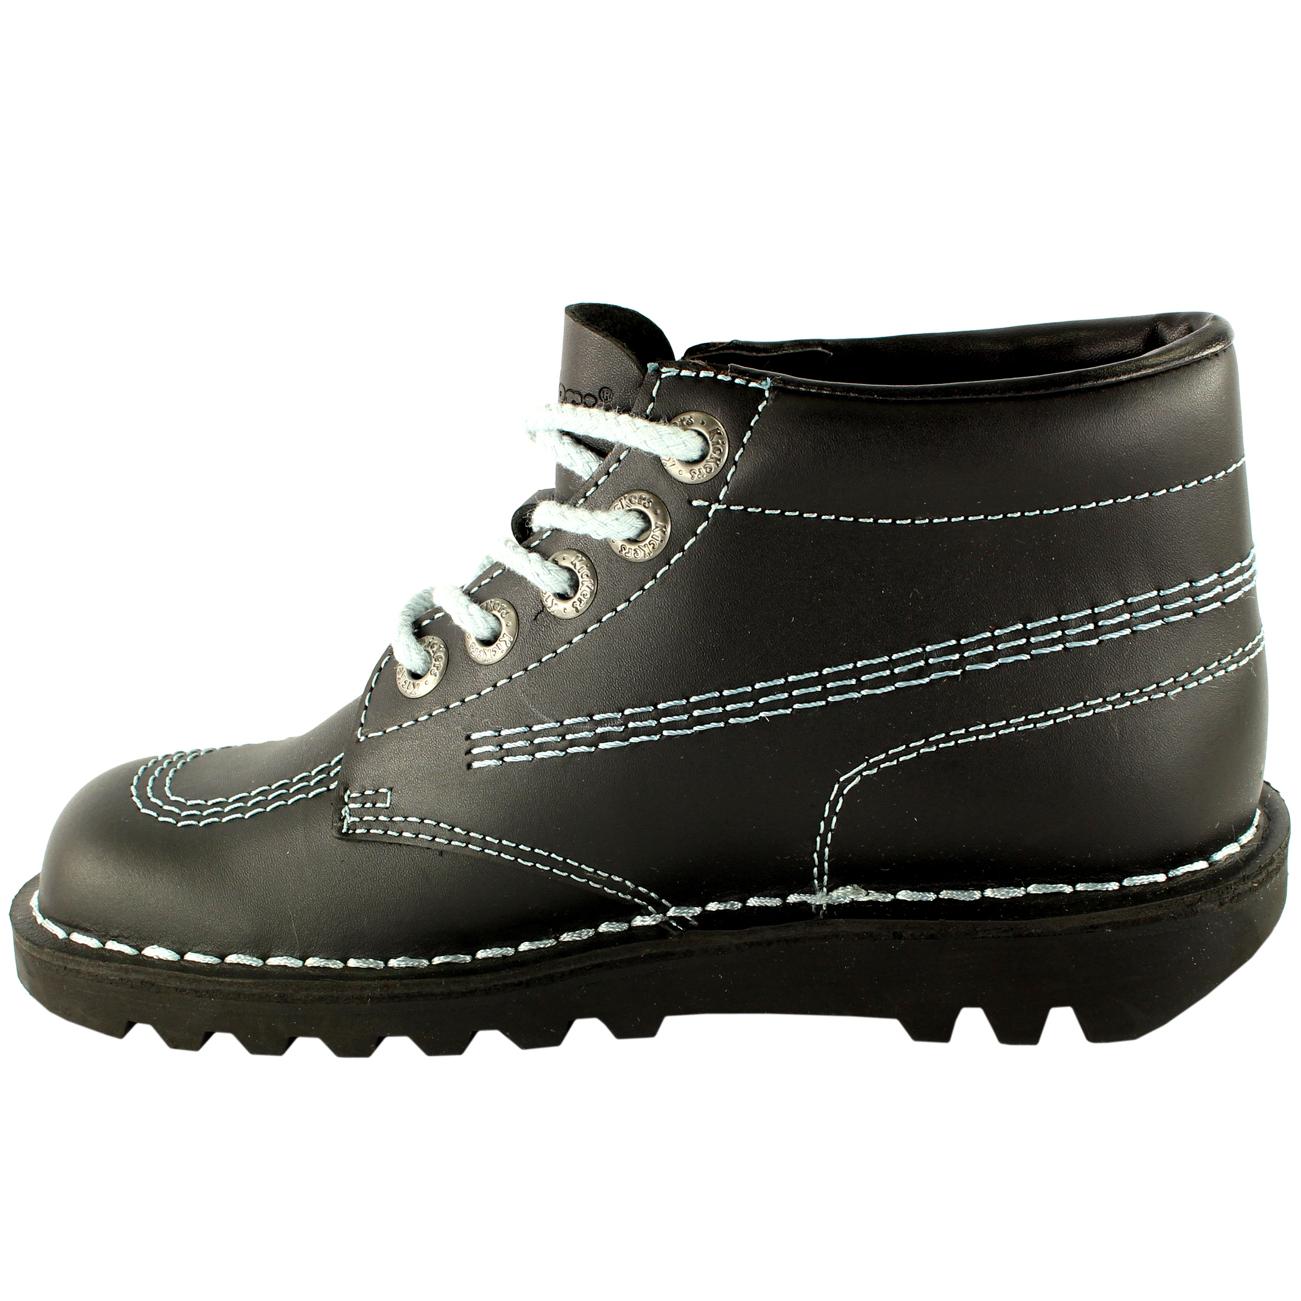 Kickers Kick pour Homme Hi M Core Cuir Classique Bureau Travail Bottes Chaussures Toutes Les Tailles